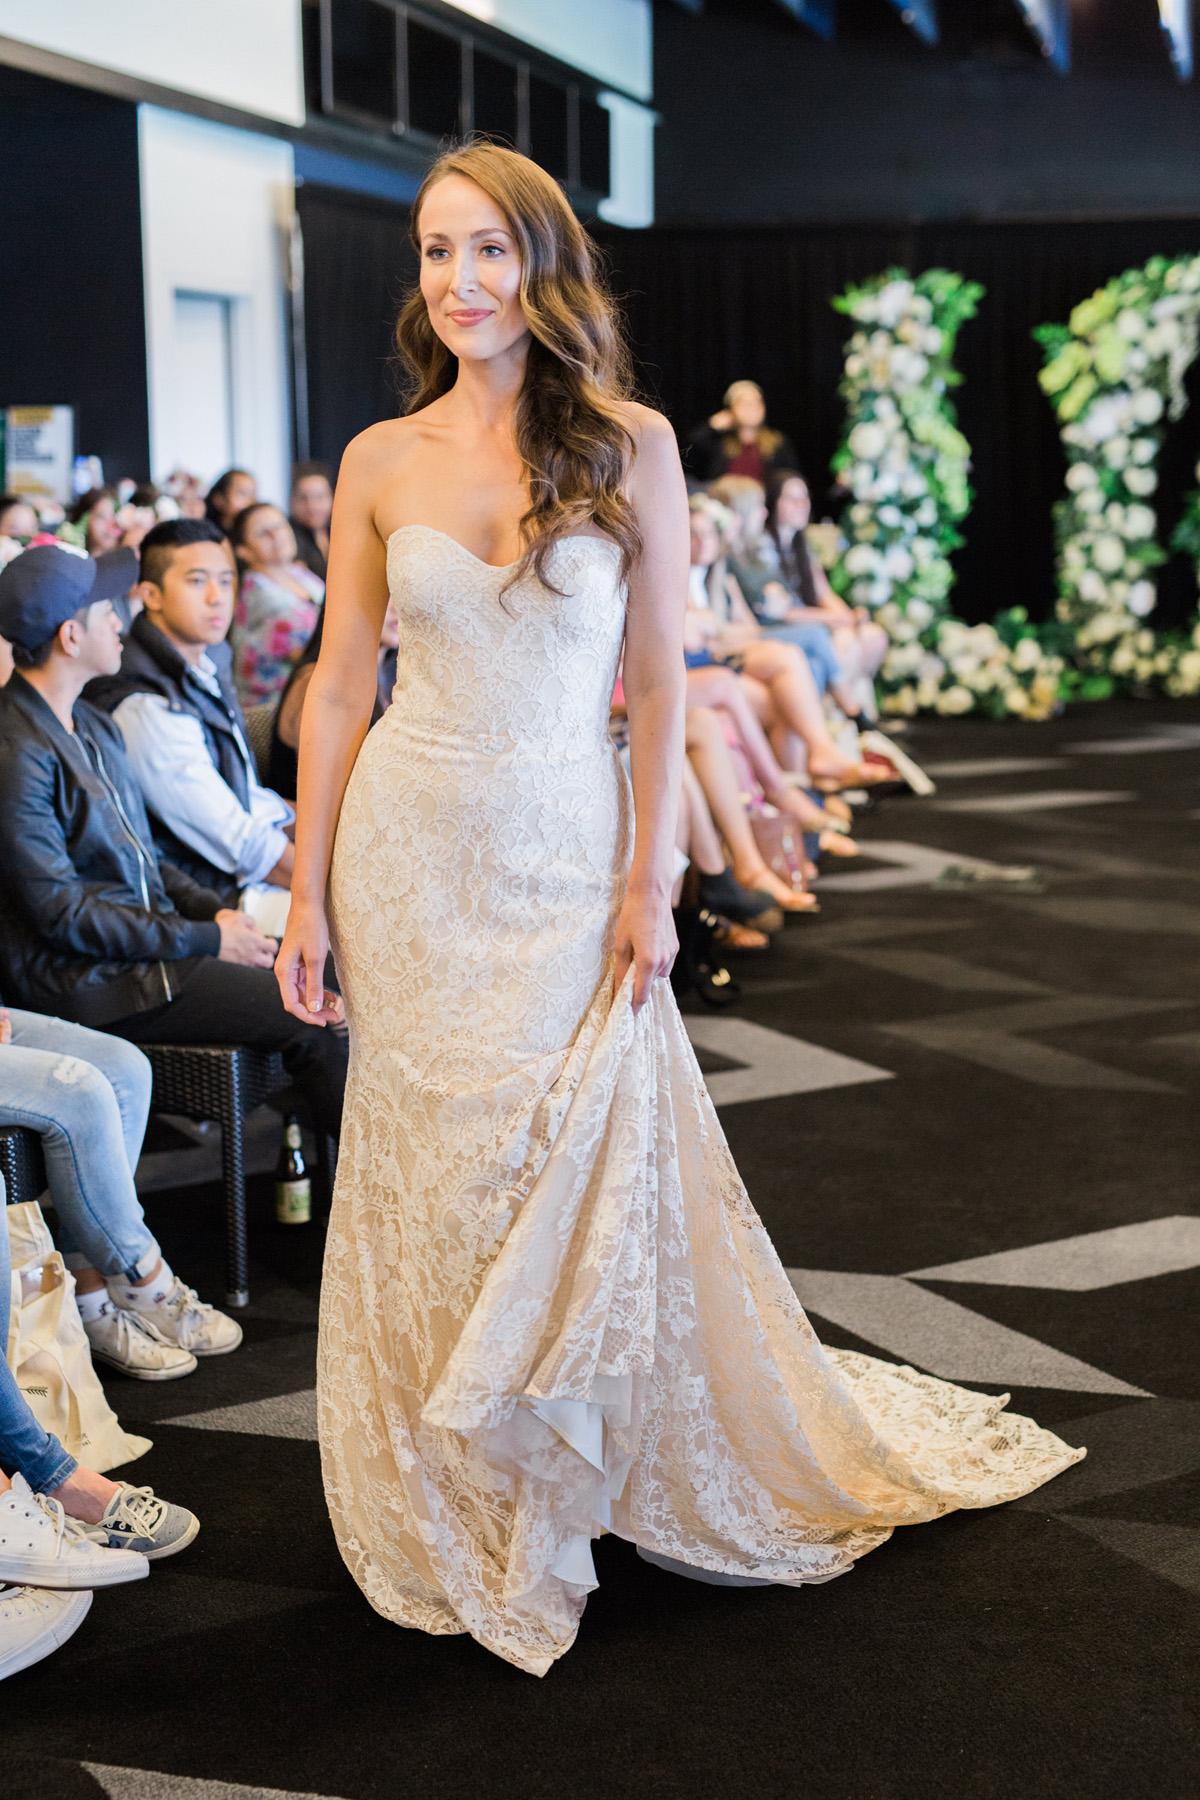 Love-Wedding-Festival-Sydney-Wedding-Gown-Angela-Osagie-35.jpg